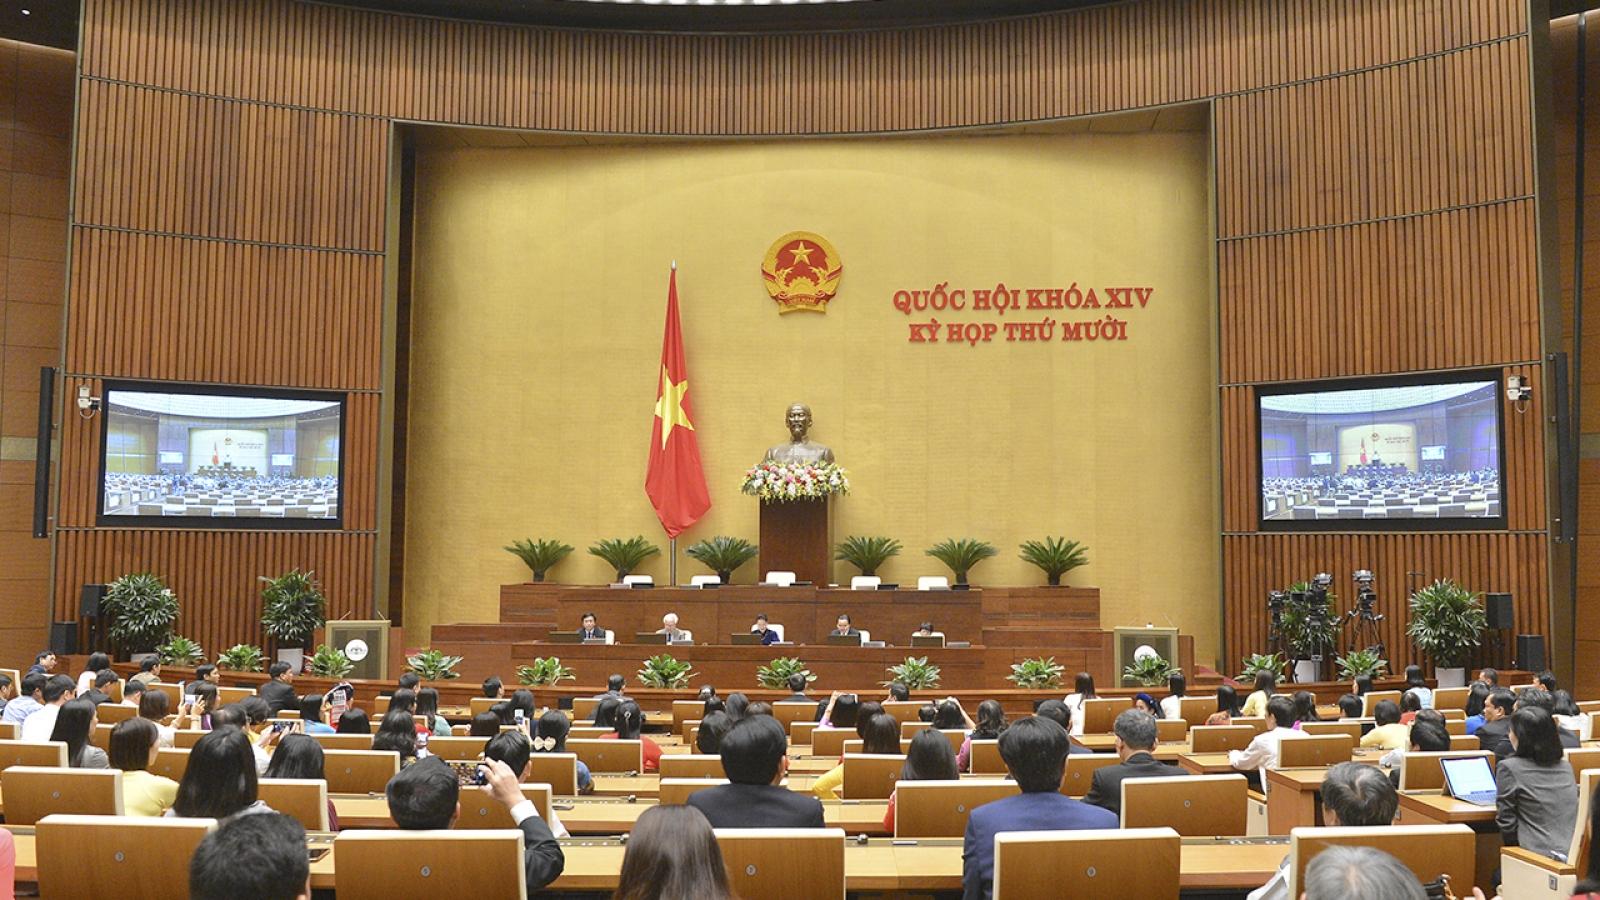 Chiều nay, Quốc hội họp phiên bế mạc Kỳ họp thứ 10